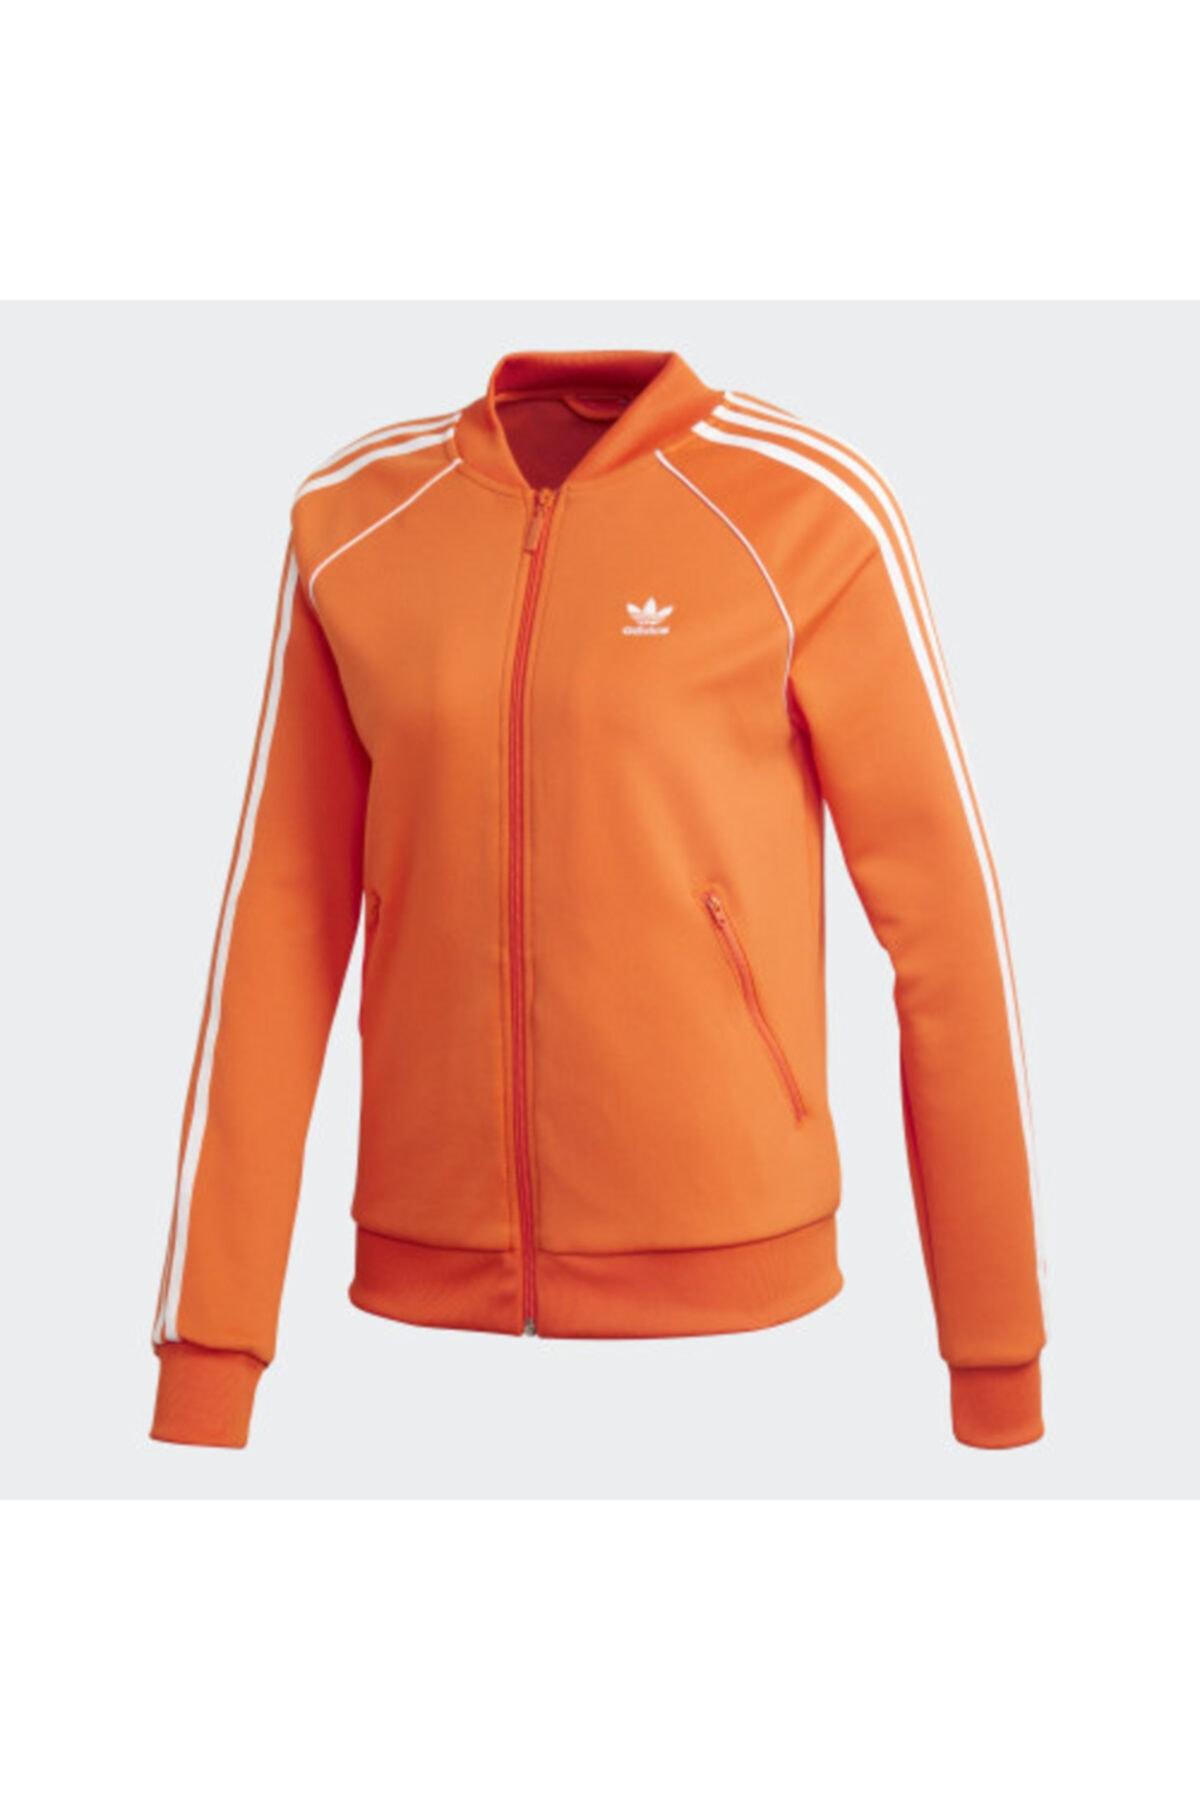 Adidas Originals Kadın Turuncu Sweatshırt Dh3164 1